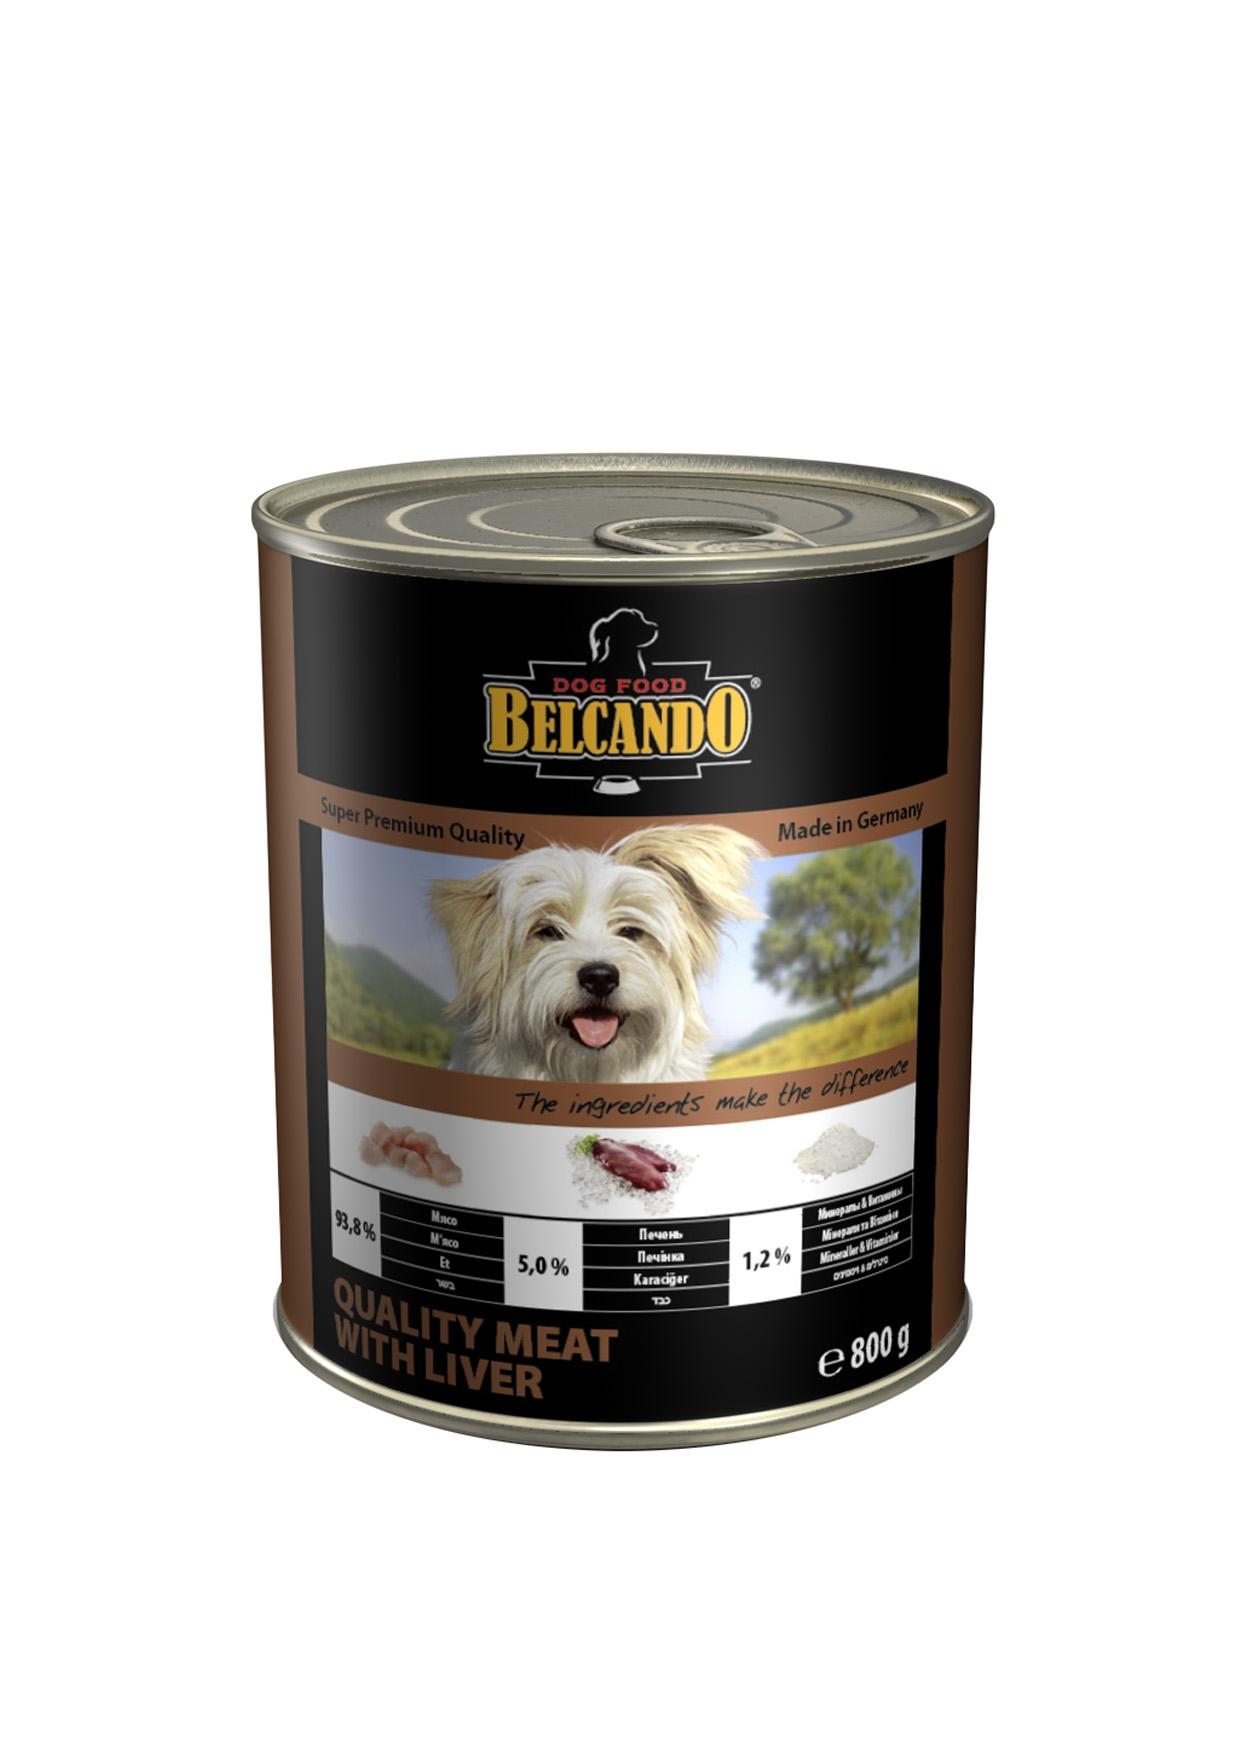 Консервы для собак Belcando, с мясом и печенью, 800 г0120710Консервы Belcando - это полнорационное влажное питание для собак. Подходят для собак всех возрастов. Комбинируется с любым типом корма, в том числе с натуральной пищей. Состав: мясо 93,8%, печень 5%, витамины и минералы 1,2%. Анализ состава: протеин 14 %, жир 5,5 %, клетчатка 0,2 %, зола 2 %, влажность 79 %, витамин А 2,500 МЕ/кг, витамин Е 40 мг/кг, витамин D3 250 МЕ/кг, кальций 0,4 %, фосфор 0,16 %.Вес: 800 г.Товар сертифицирован.